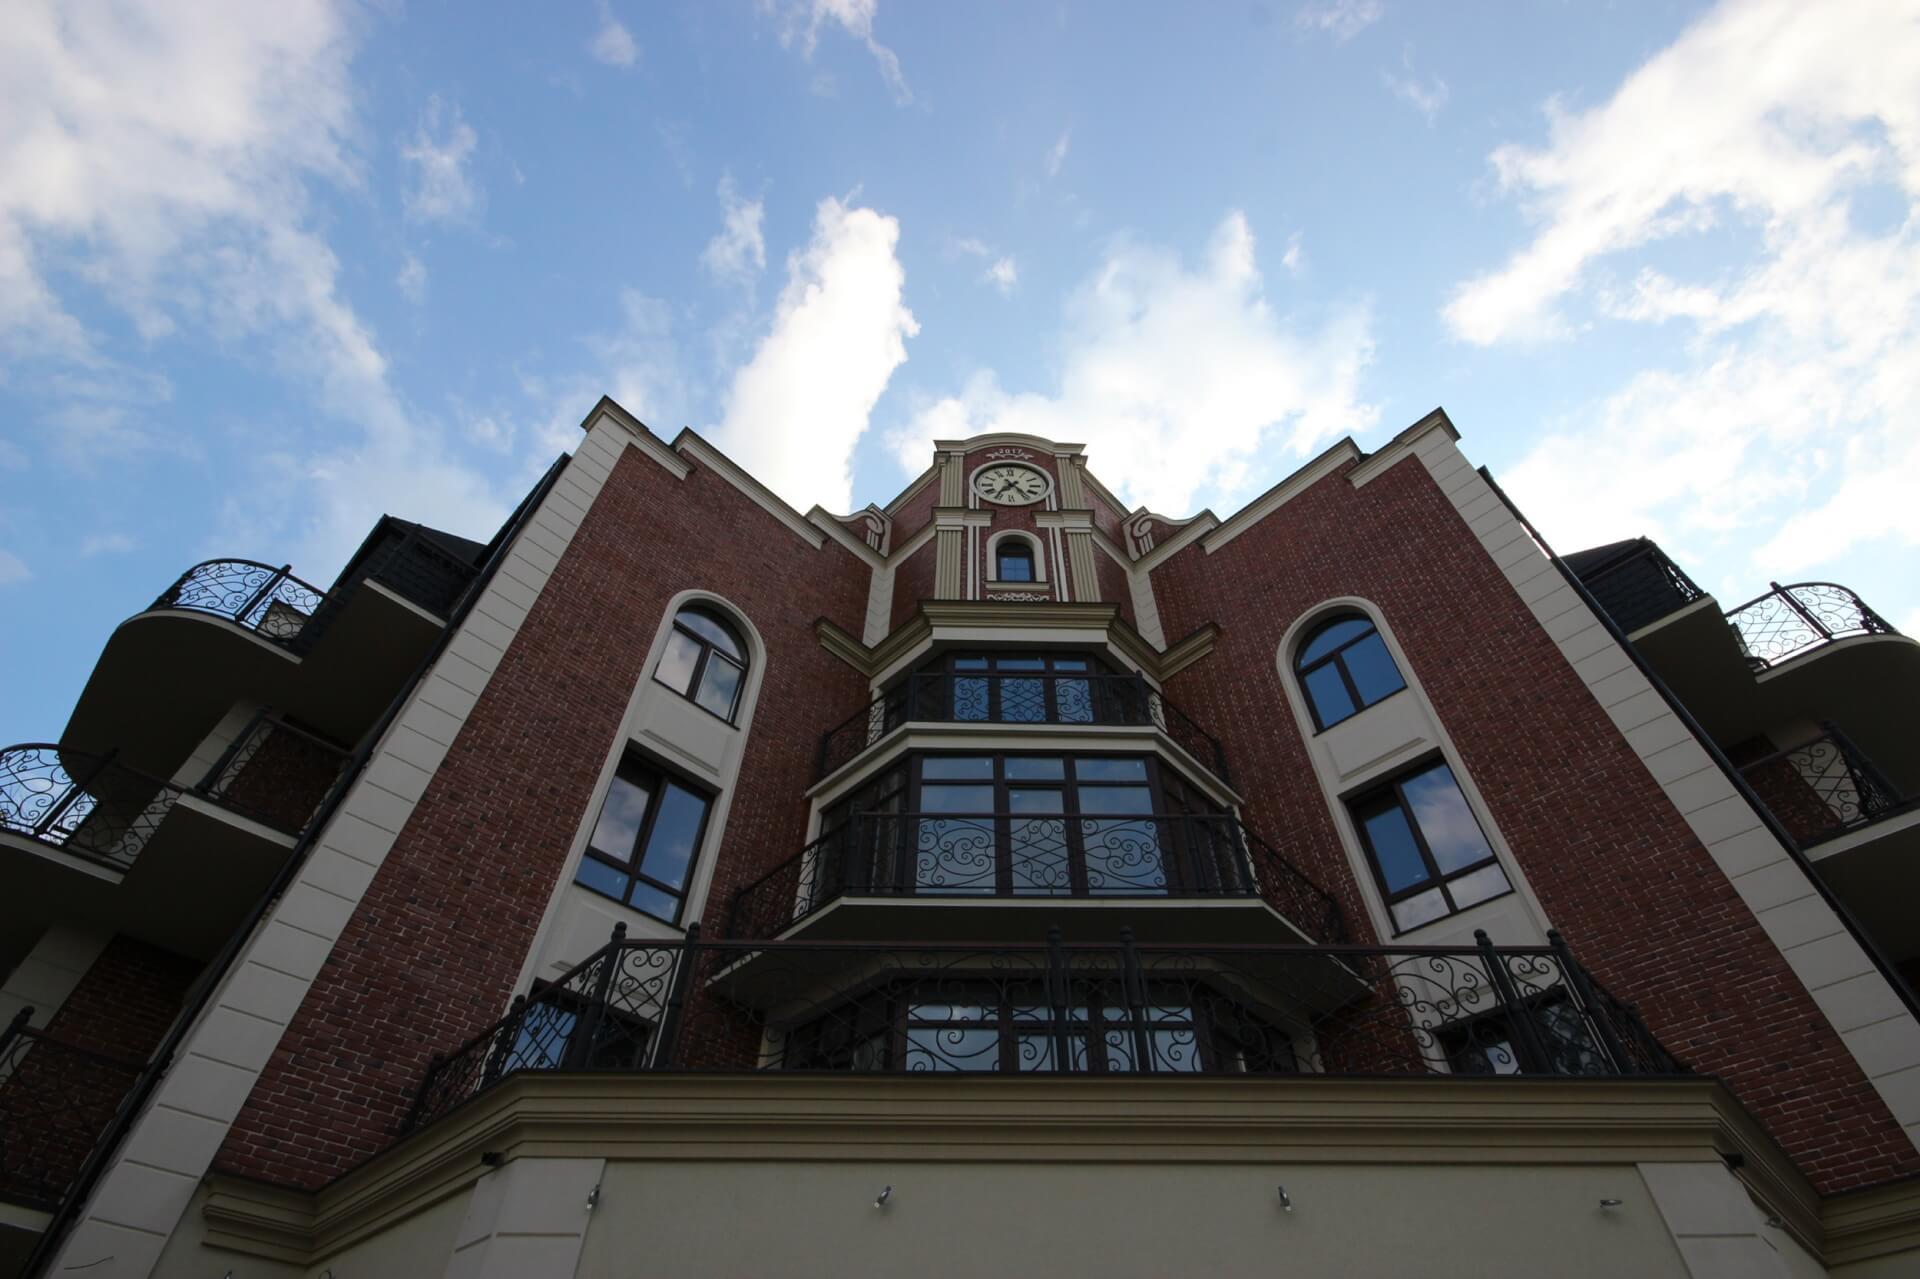 ТОП-10 затишних балкончиків за версією фотографа Глуzду